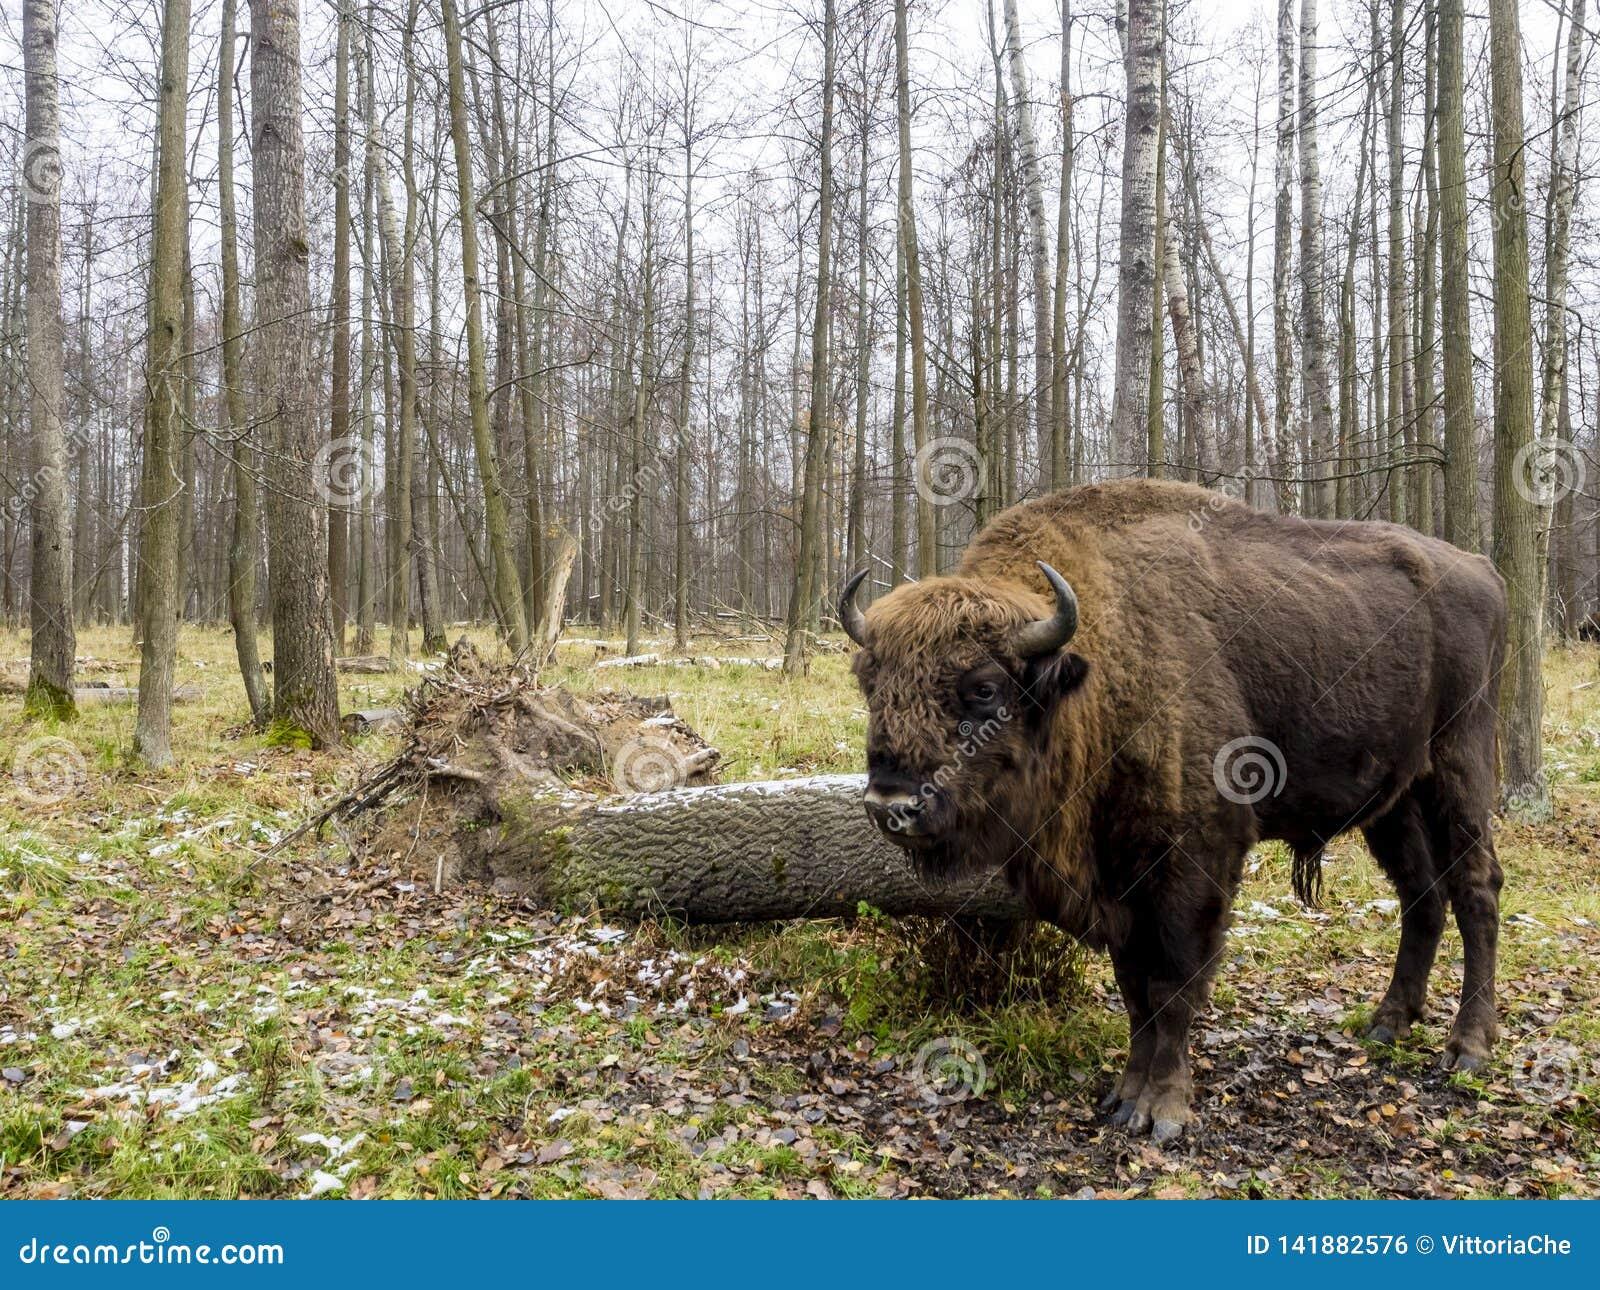 Тур, большое животное в лесе европейское bonasus бизона бизона, также известное как зубр или европейский деревянный бизон, Россия